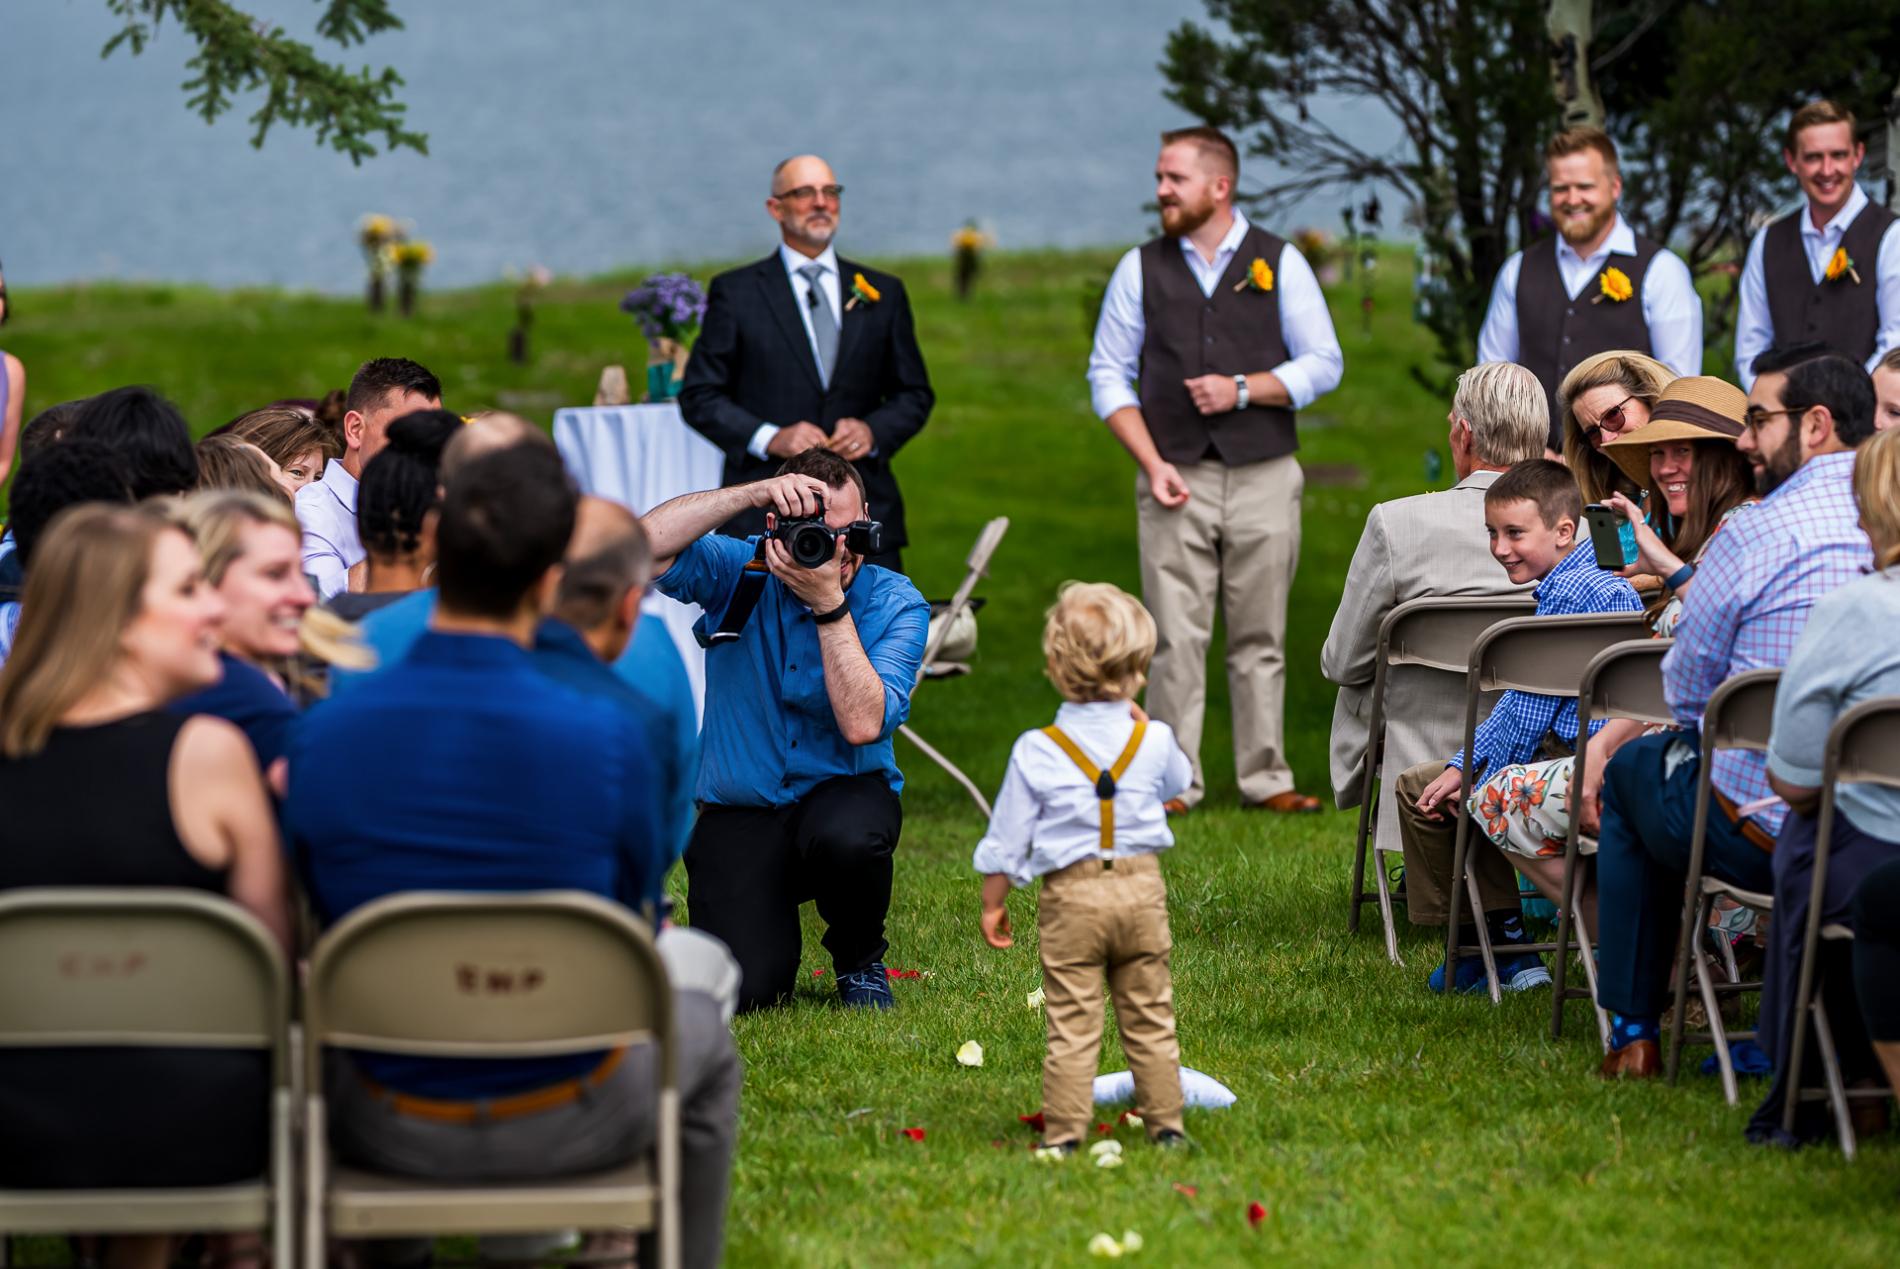 Photographe du Colorado prenant des photos lors d'un mariage en plein air avec des enfants